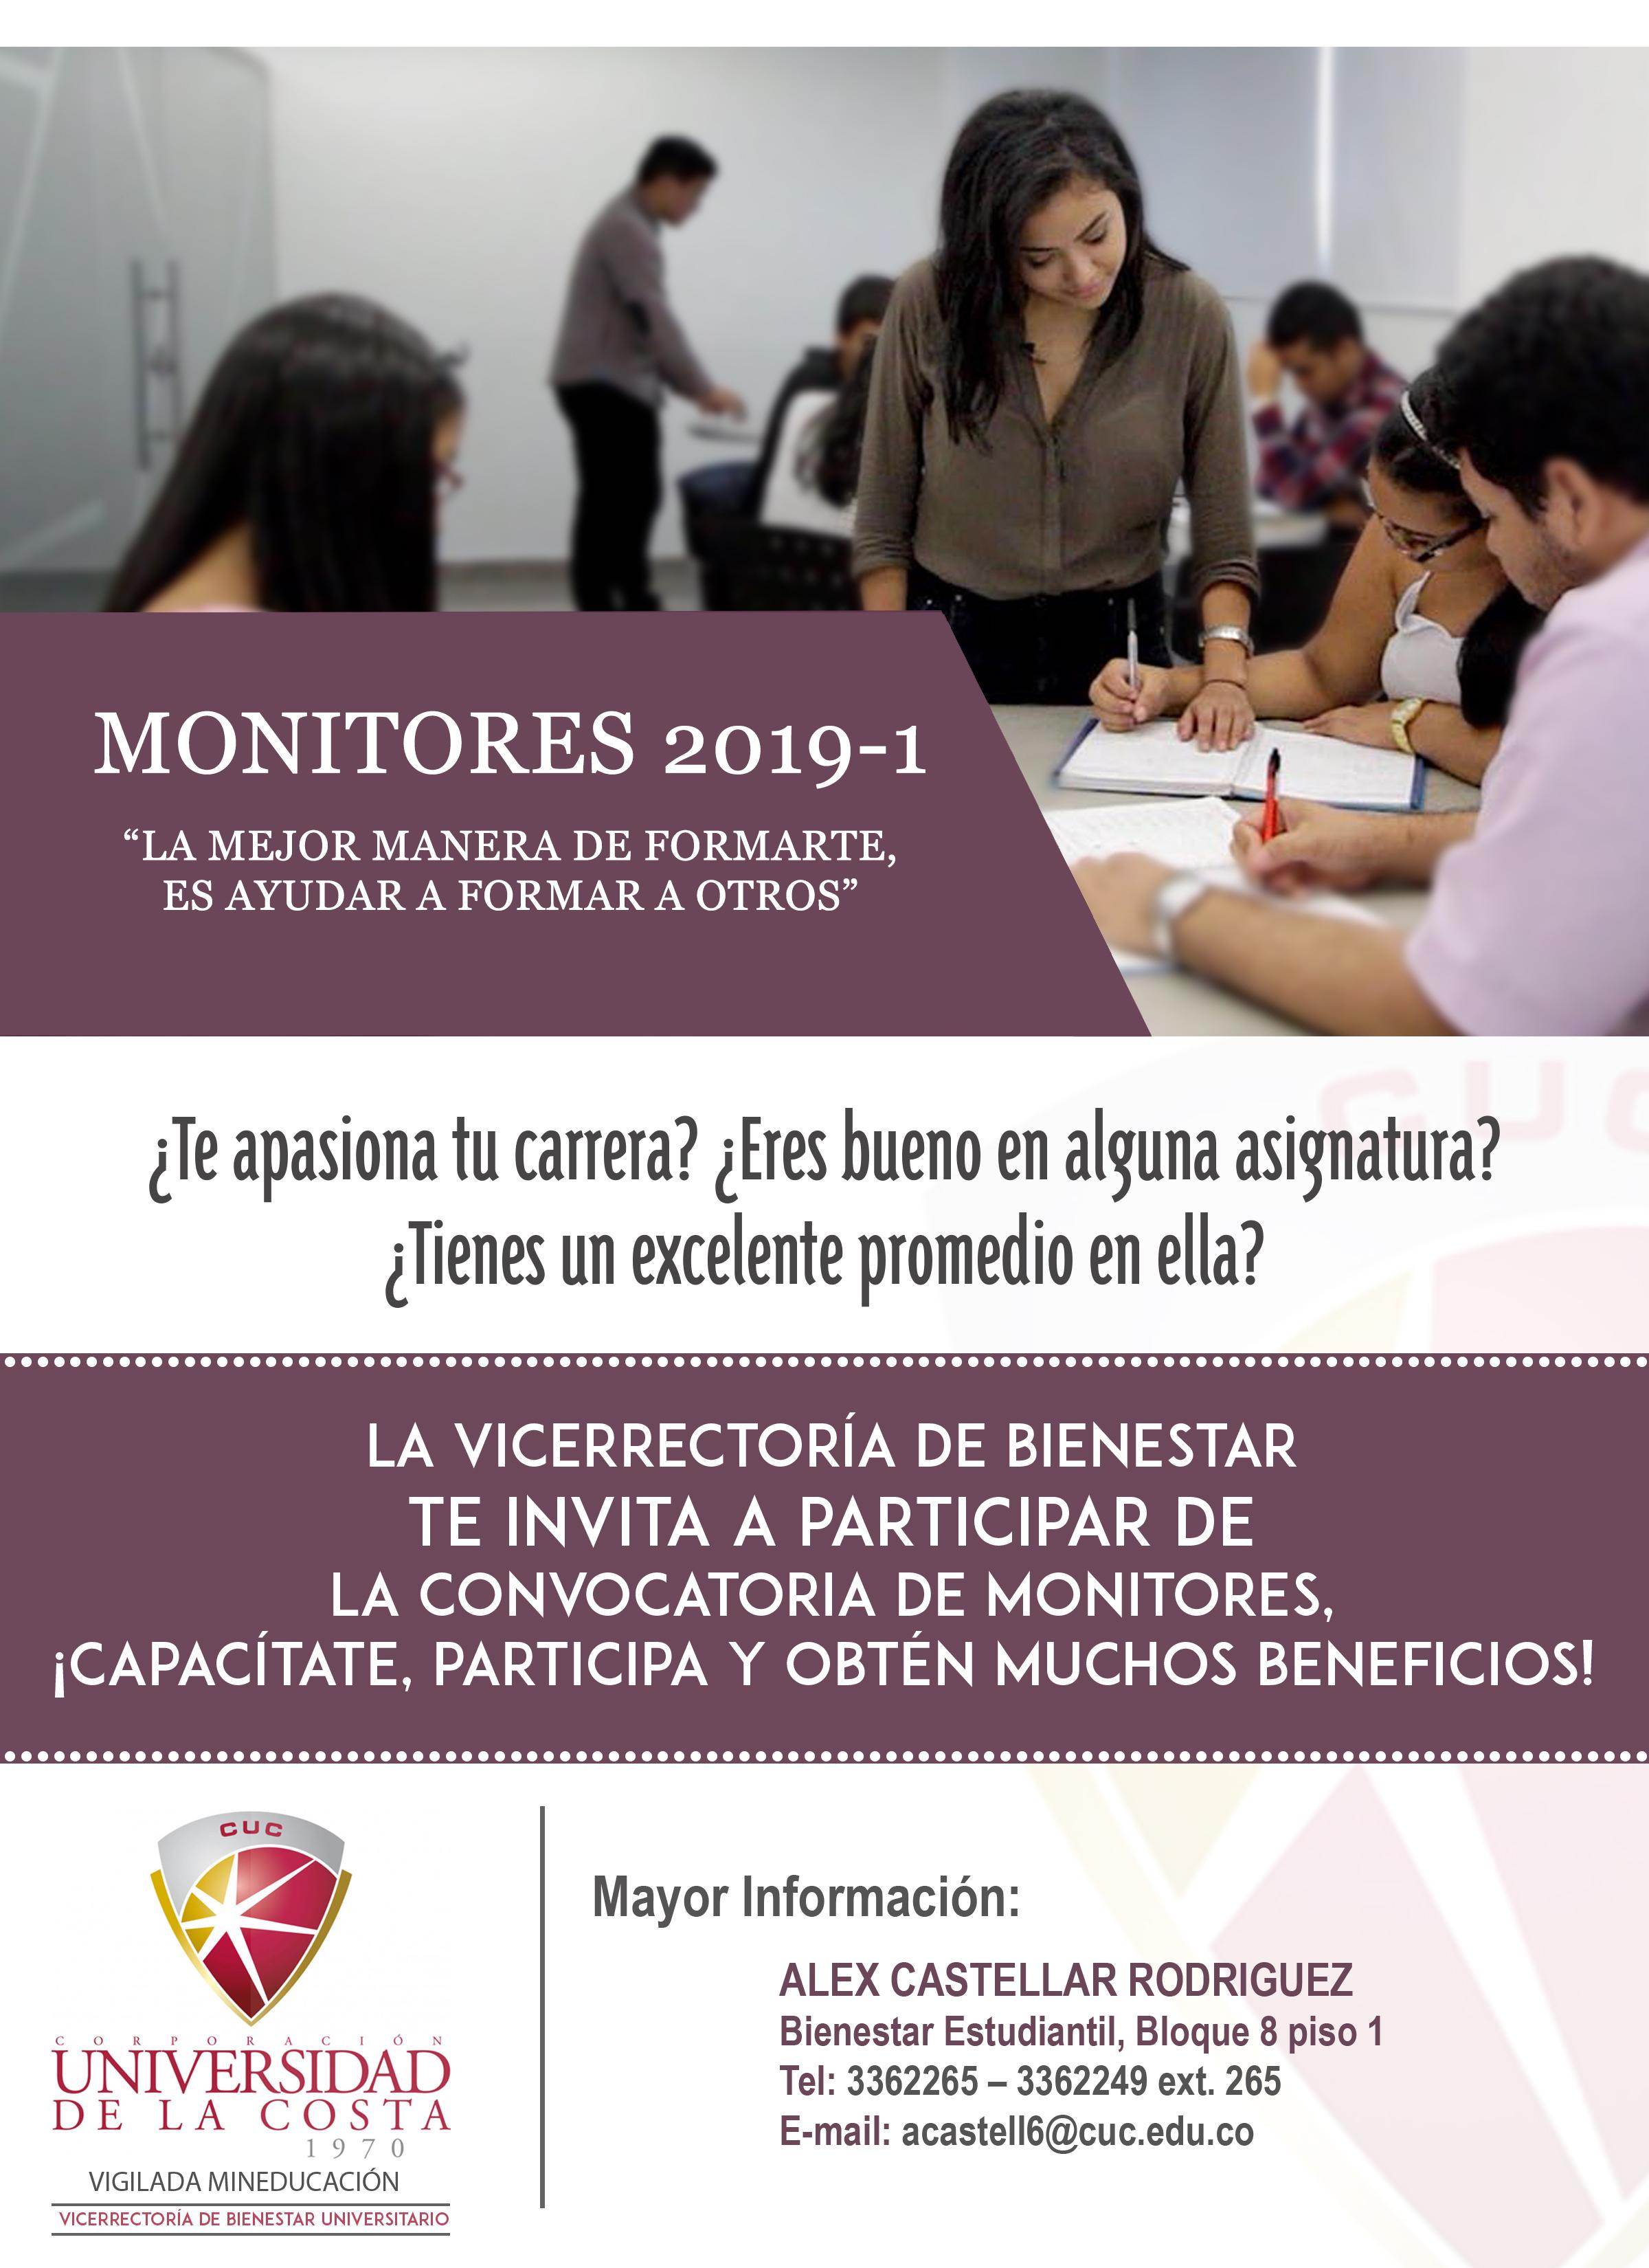 monitores flayer convocatoria 2019 1